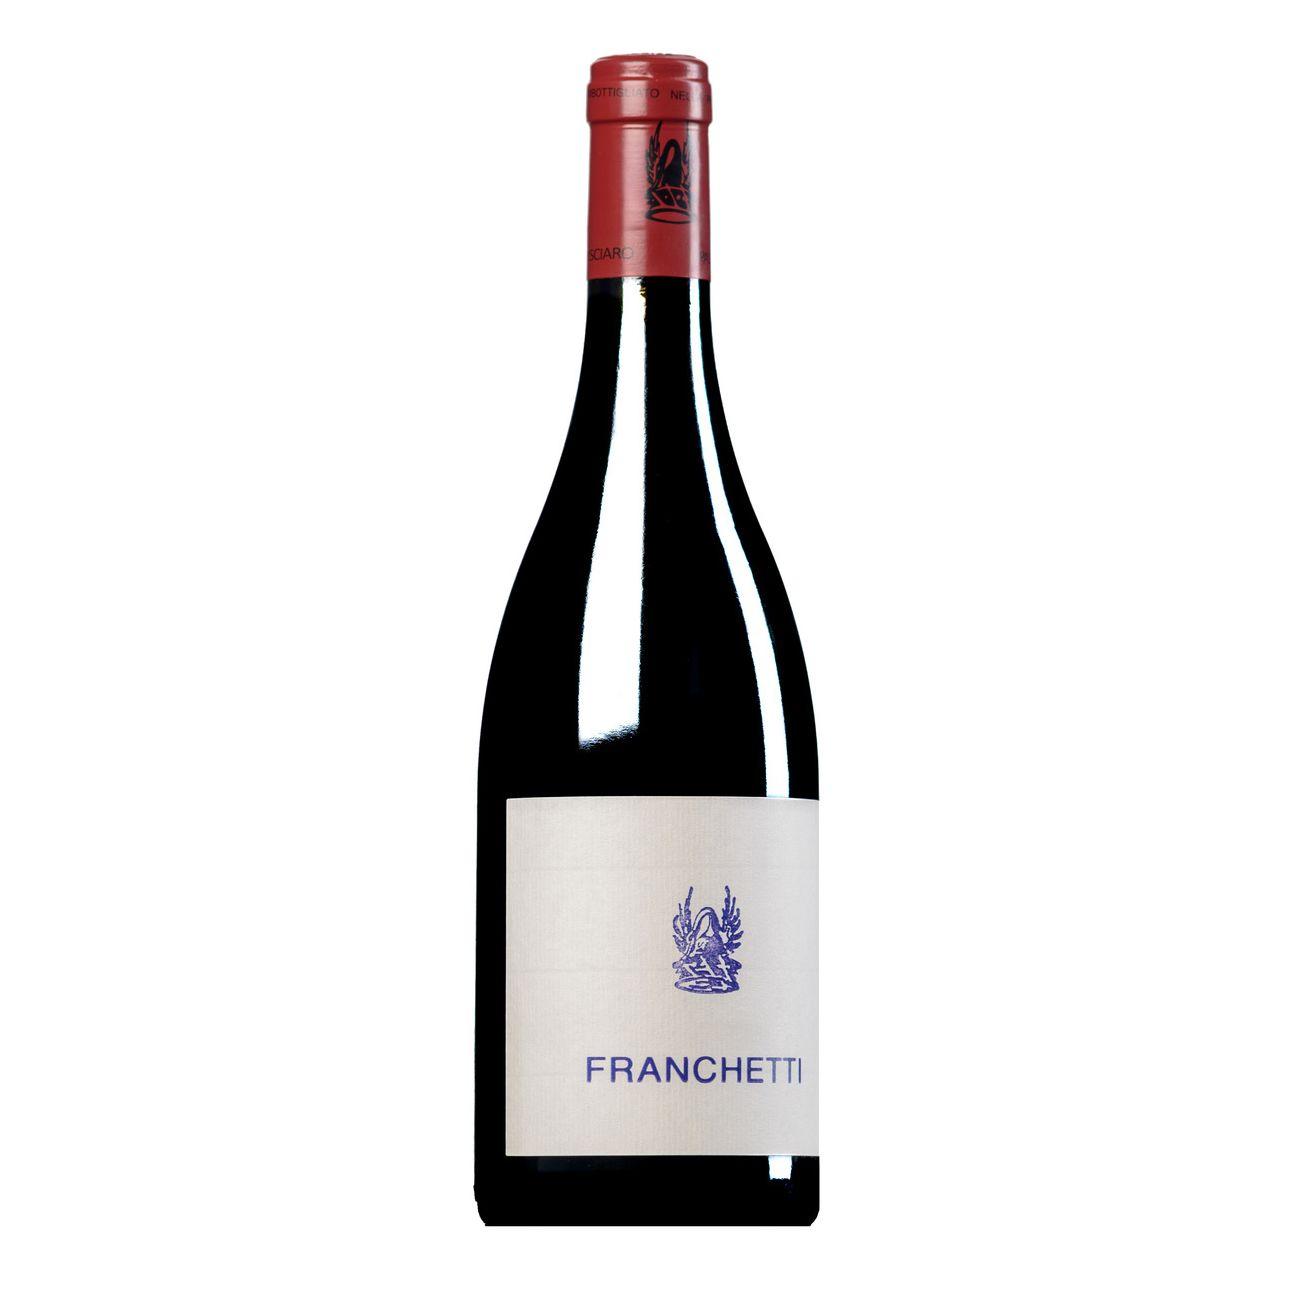 passopisciaro-sizilien-franchetti-rosso-terre-siciliane-igt-2016-19153116